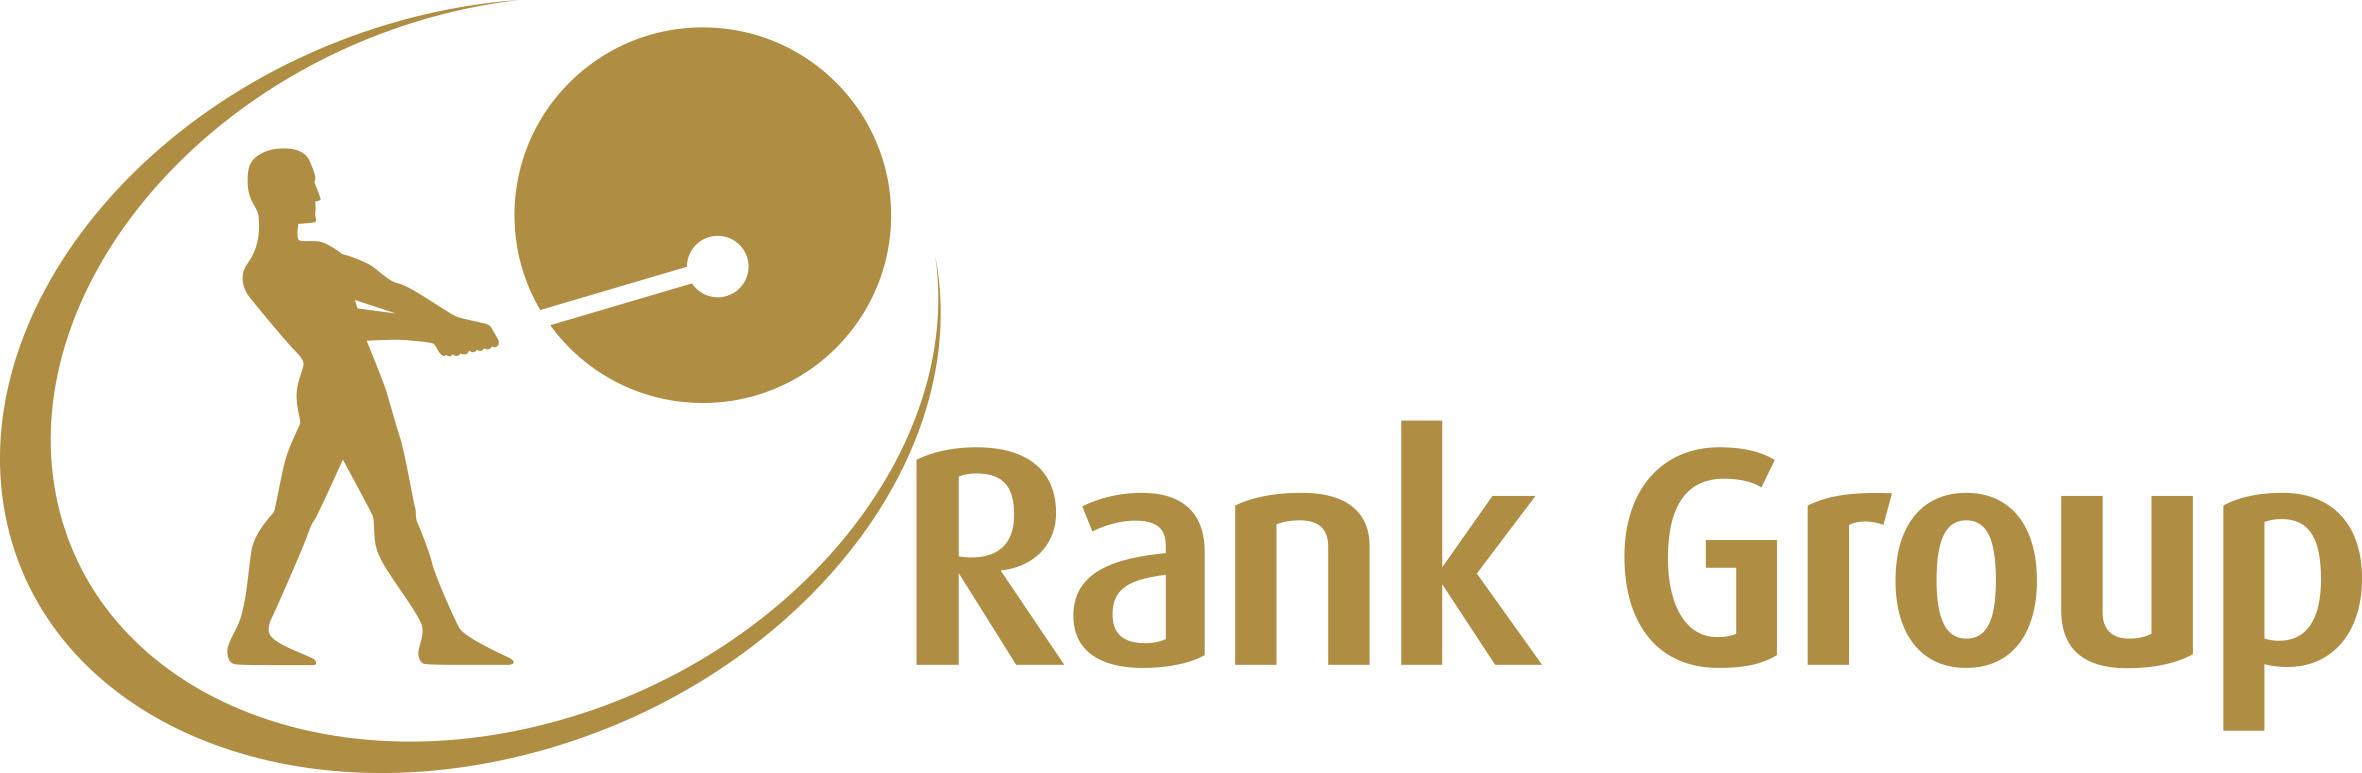 Rank Digital Ltd